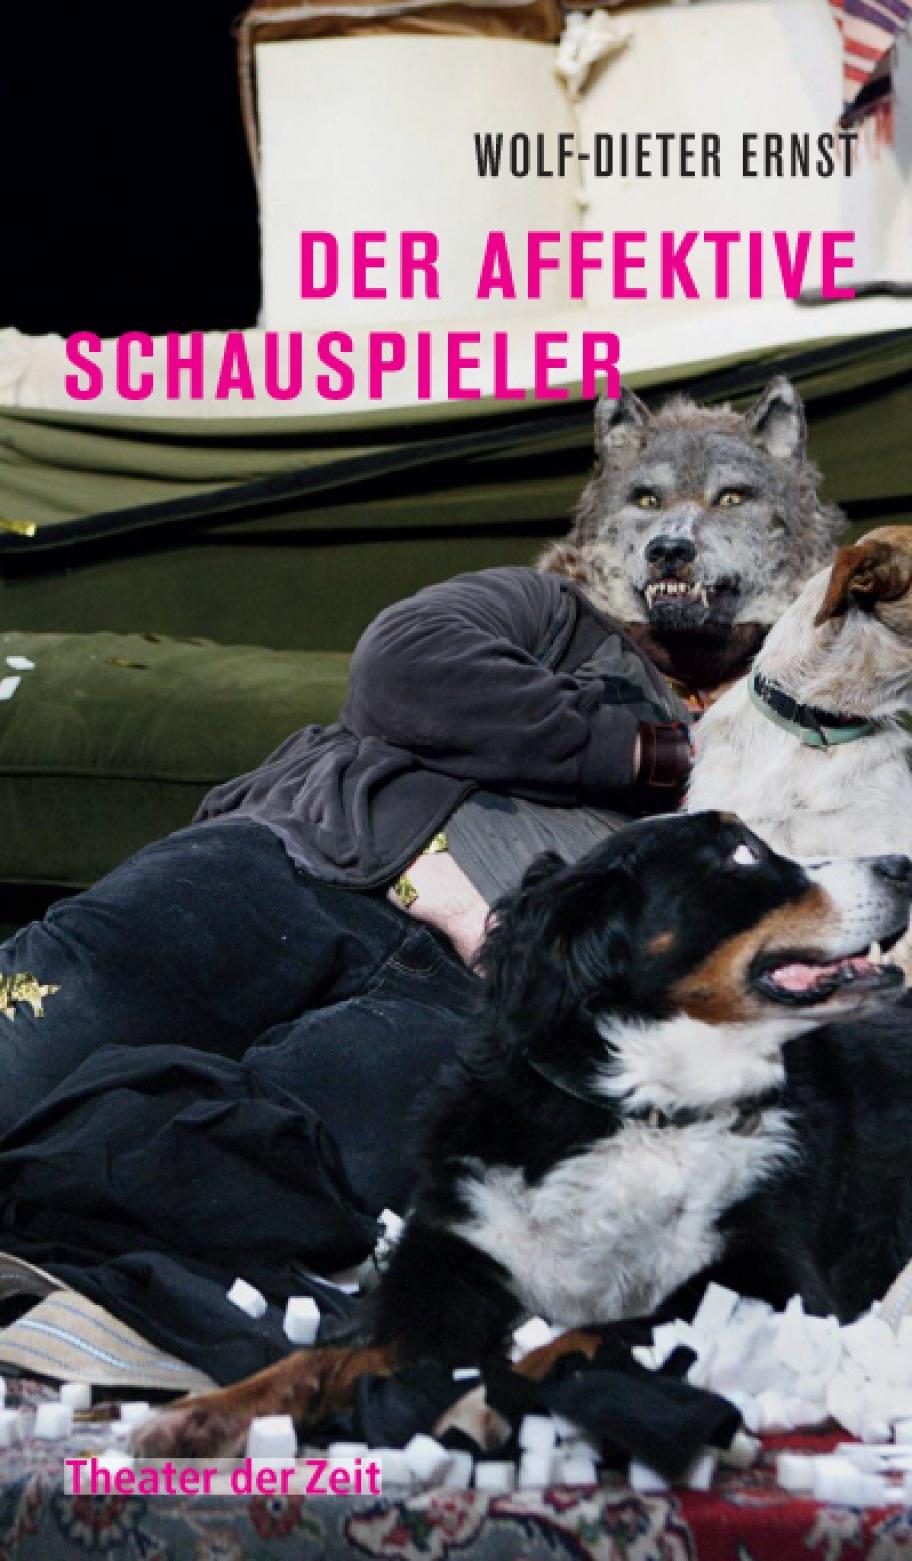 Wolf-Dieter Ernst: Der affektive Schauspieler